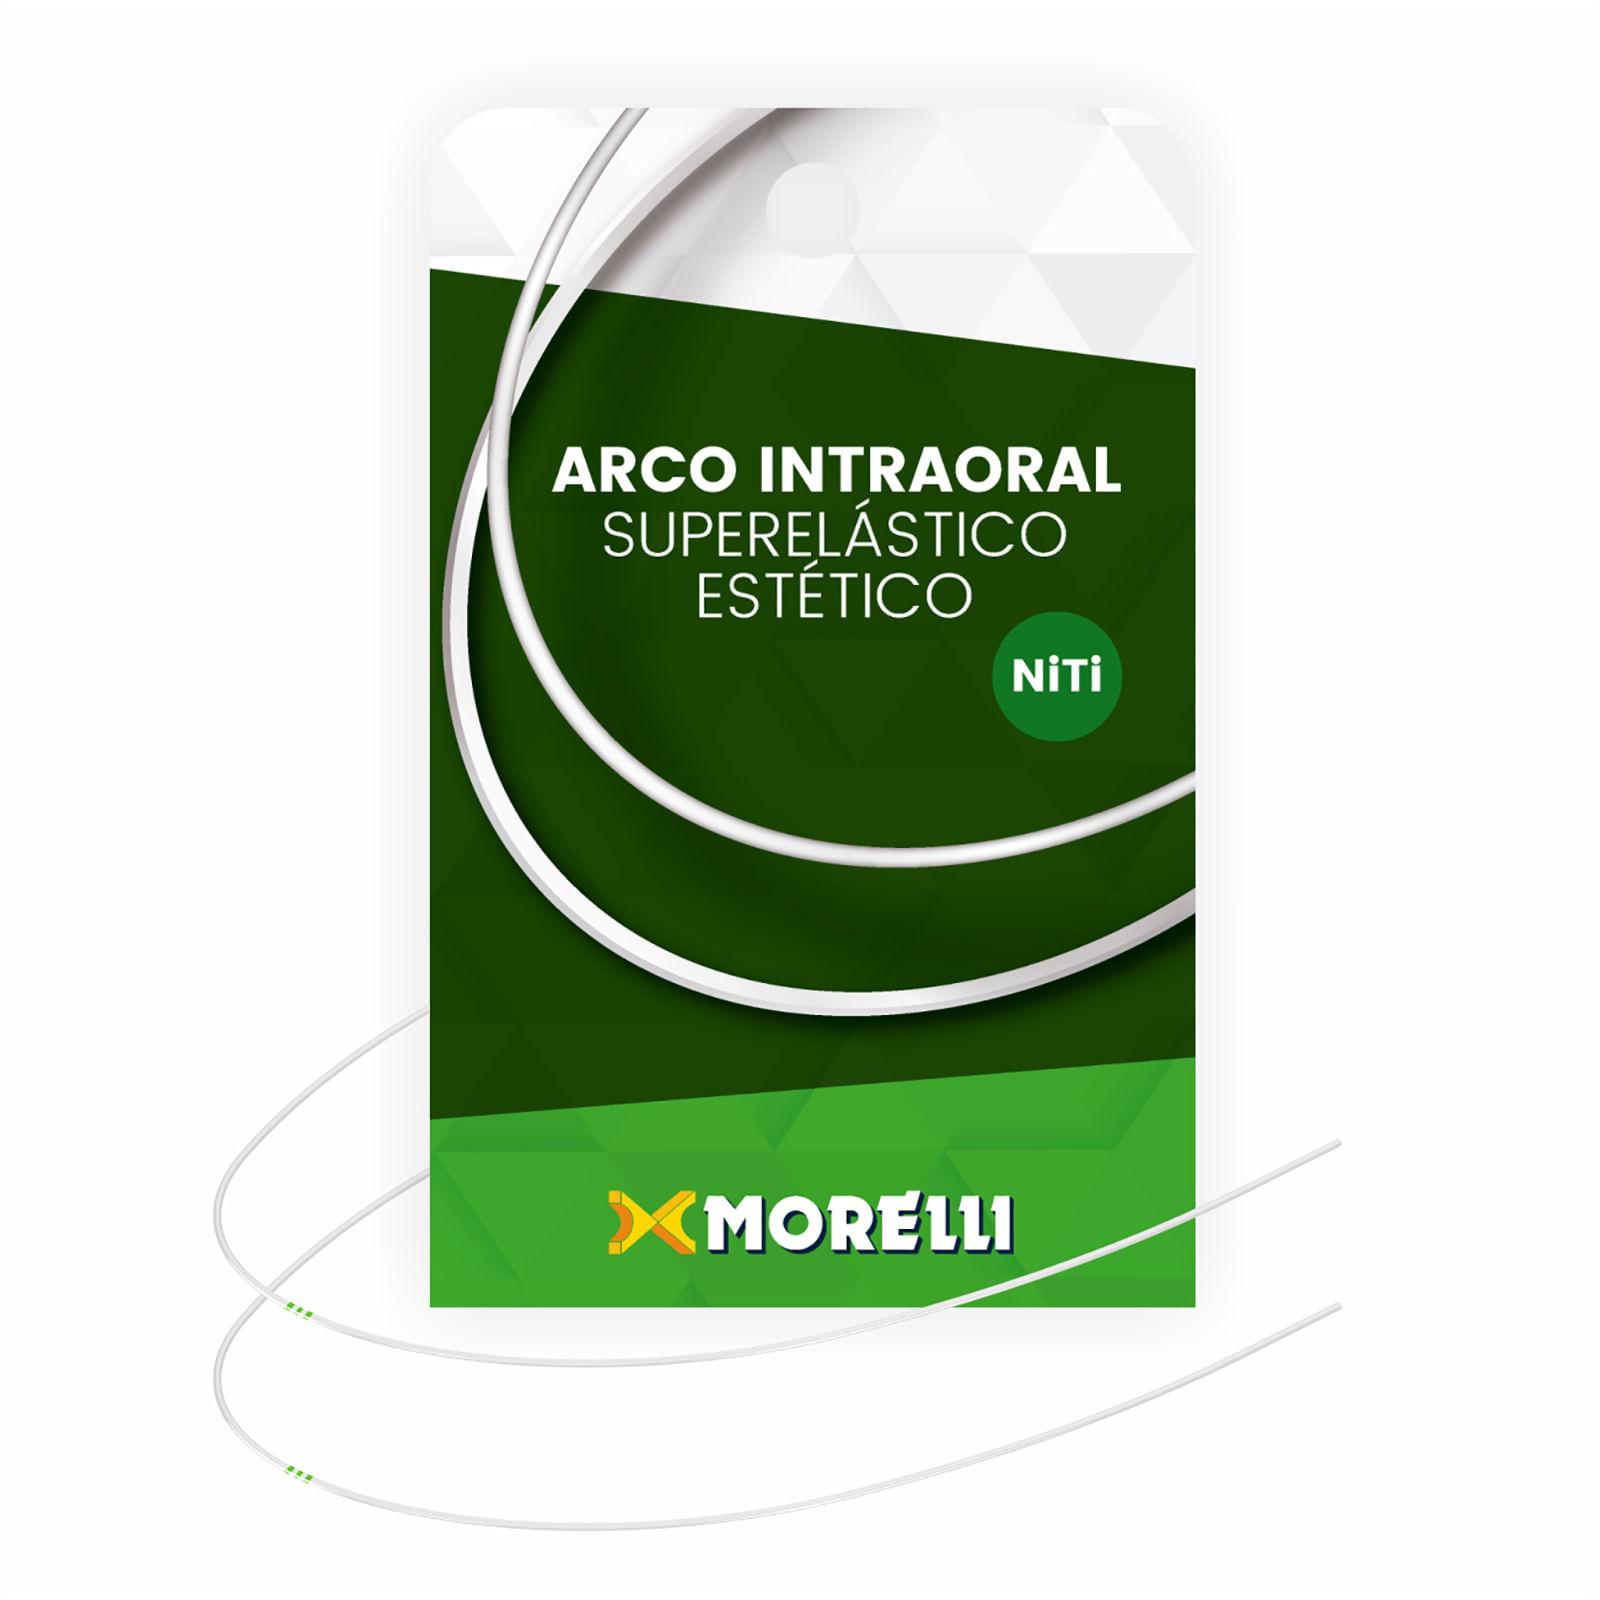 ARCO-ESTETICO-INTRAORAL-SUPERELASTICO-NITI---COLORIDO-BEGE---REDONDO-.018--GRANDE---MORELLI